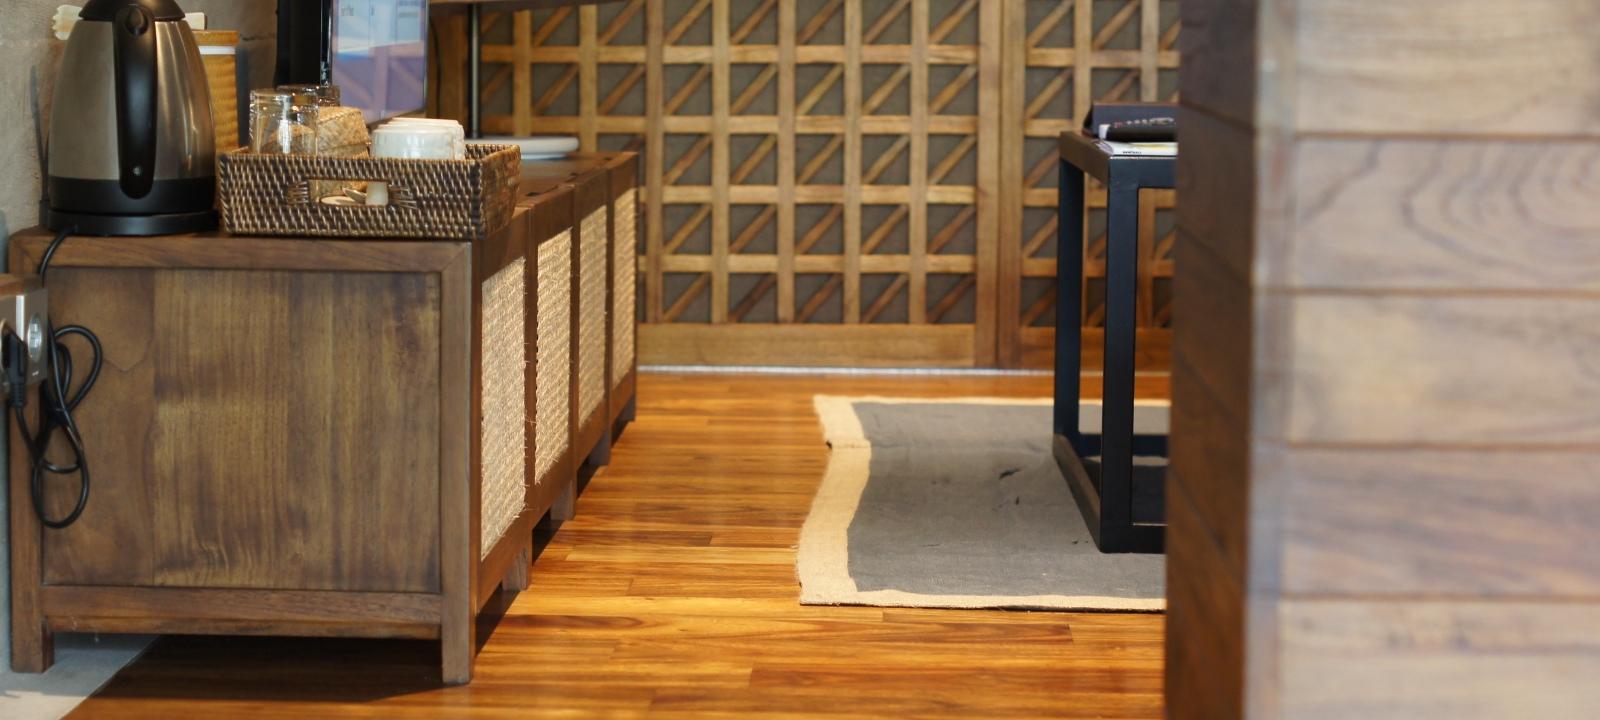 Bisma 8 Hotel flooring installation